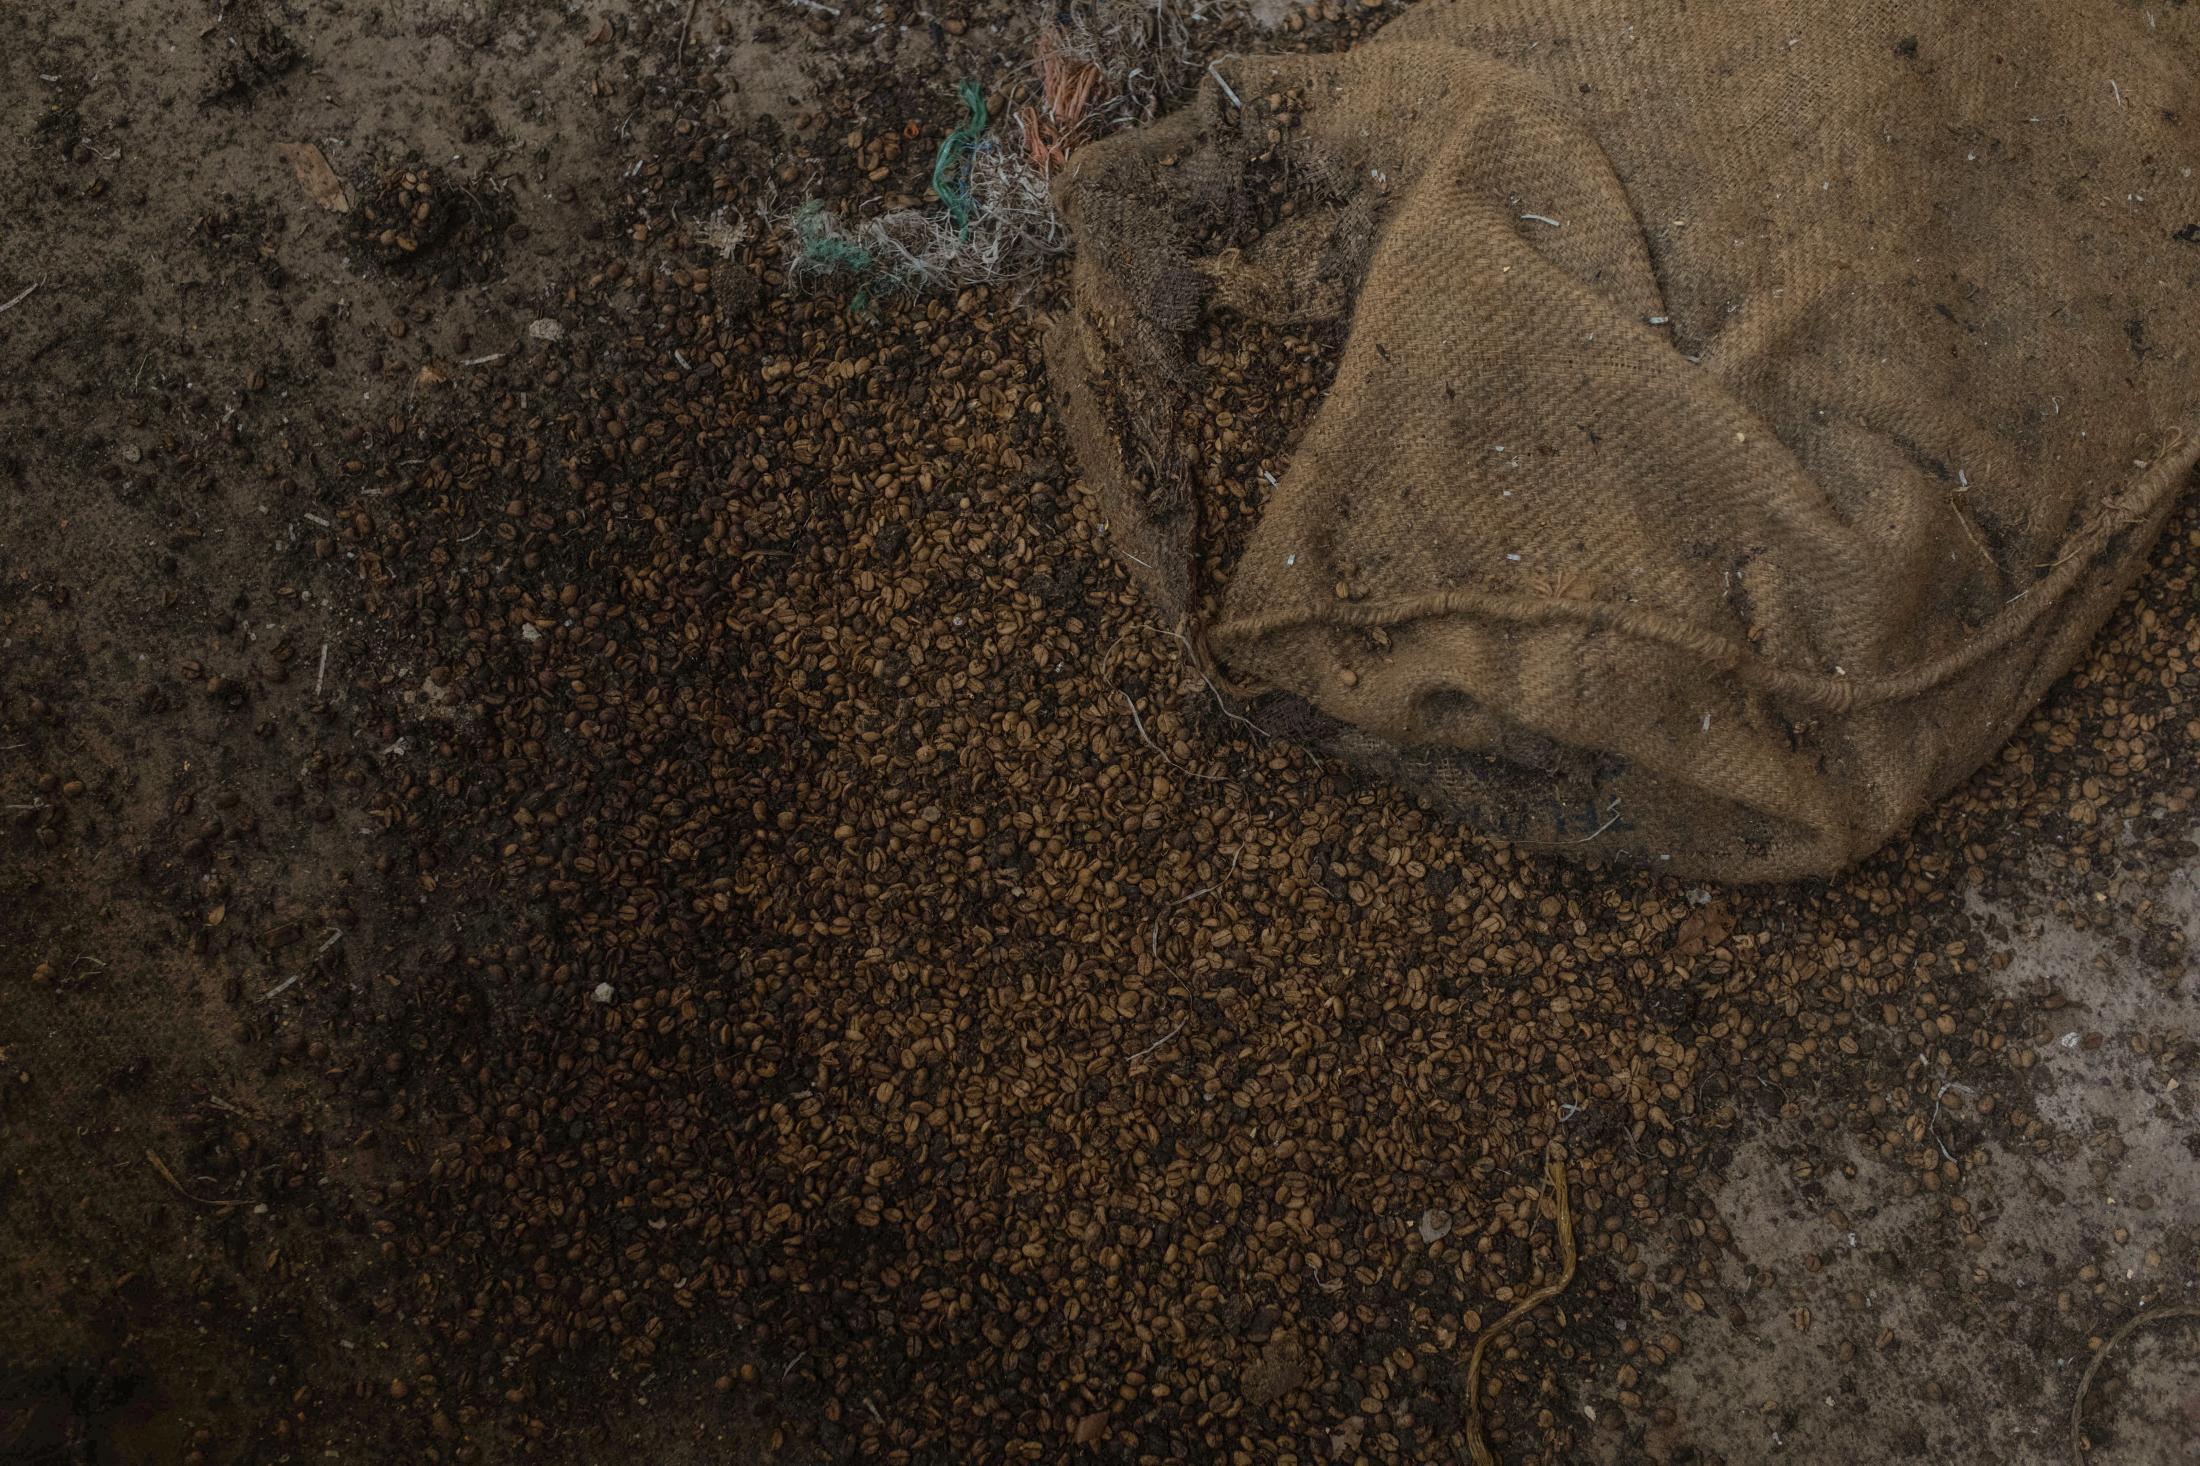 En 1989 la desaparición del Instituto Mexicano del Café (INMECAFE) dejó en el desamparo a miles de productores cafetaleros en el país, lo que obligó a muchos a vender su producción a menor precio o a empresas intermediarias que revenden a grandes transnacionales.